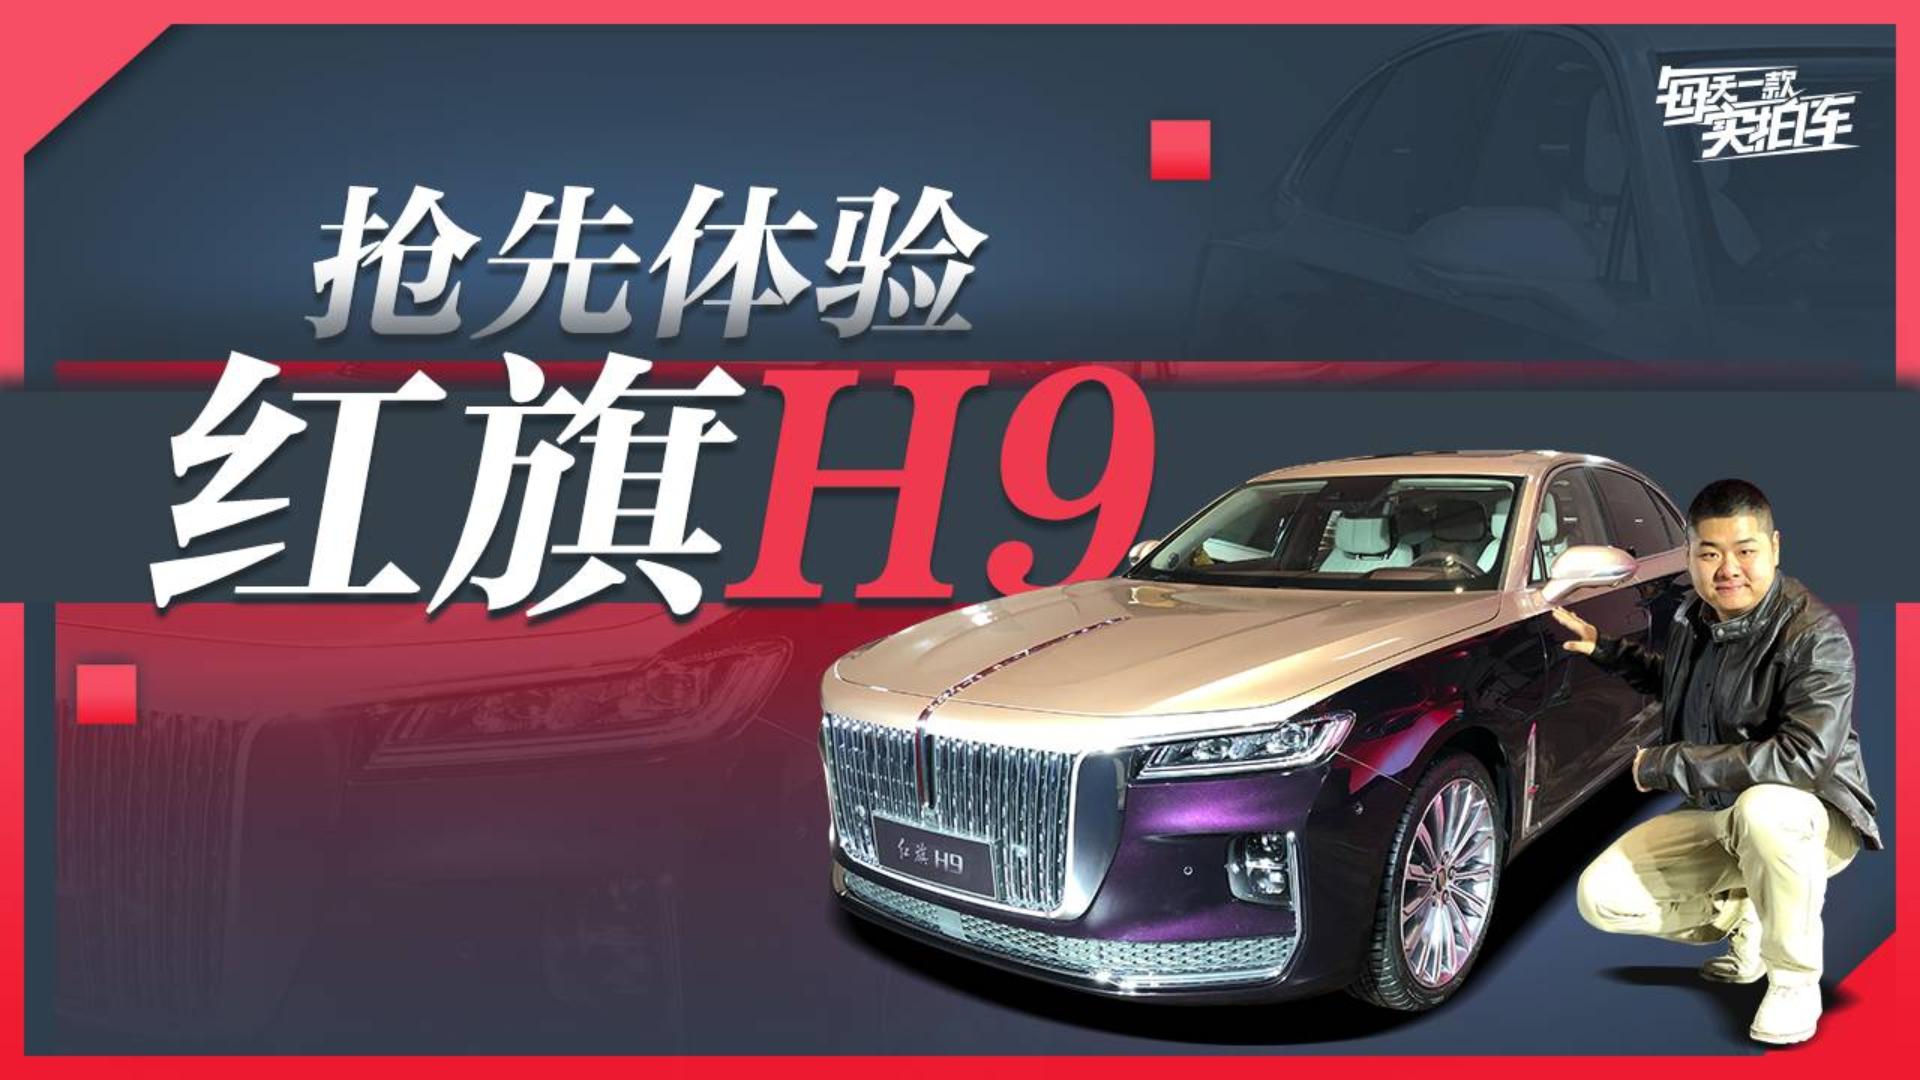 实拍车:3.0T+V6配空气悬架 重新定义自主豪华C级车 气场不输BBA